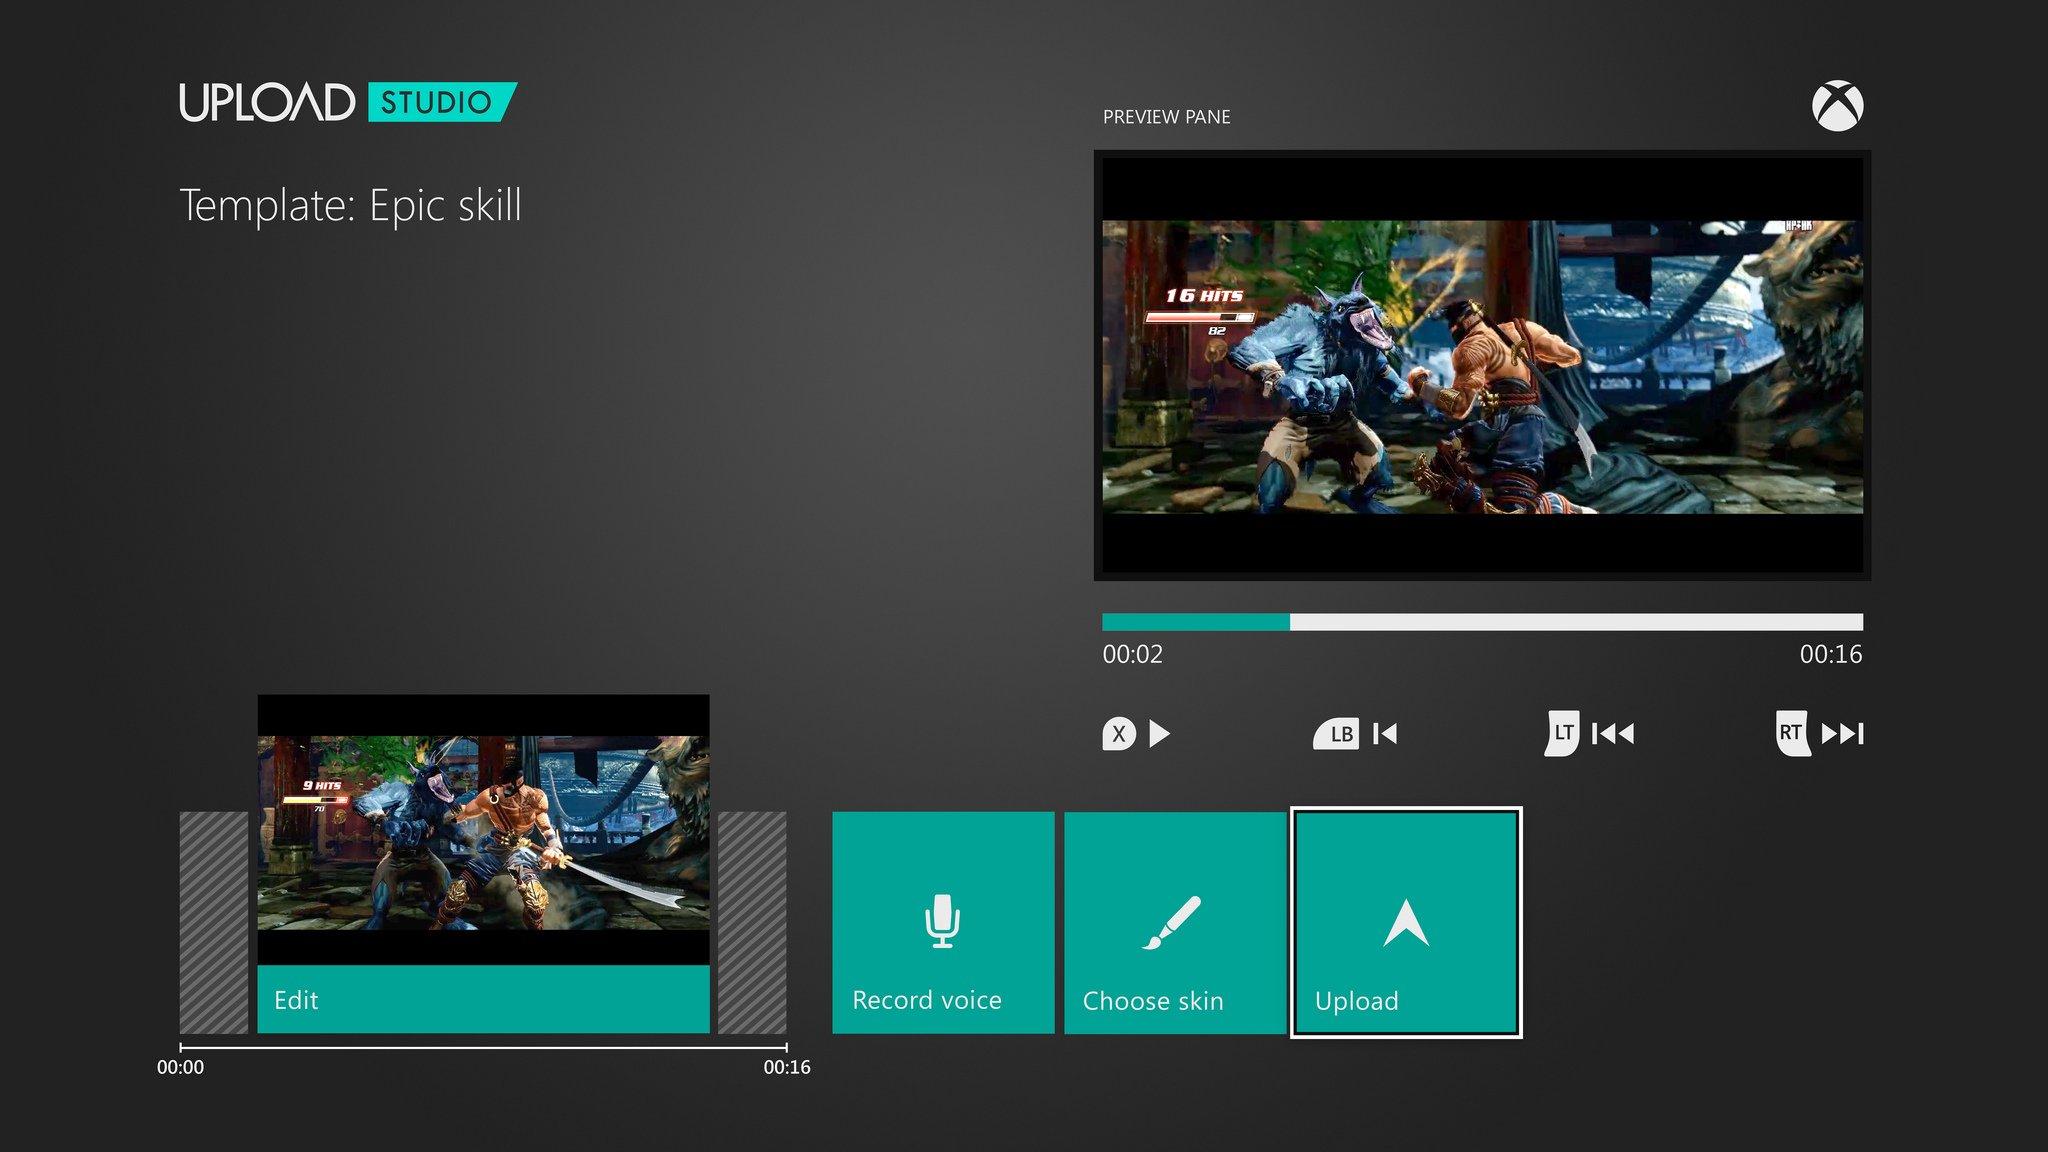 Интерфейс Xbox One  при редактировании мини-роликов  - Изображение 1